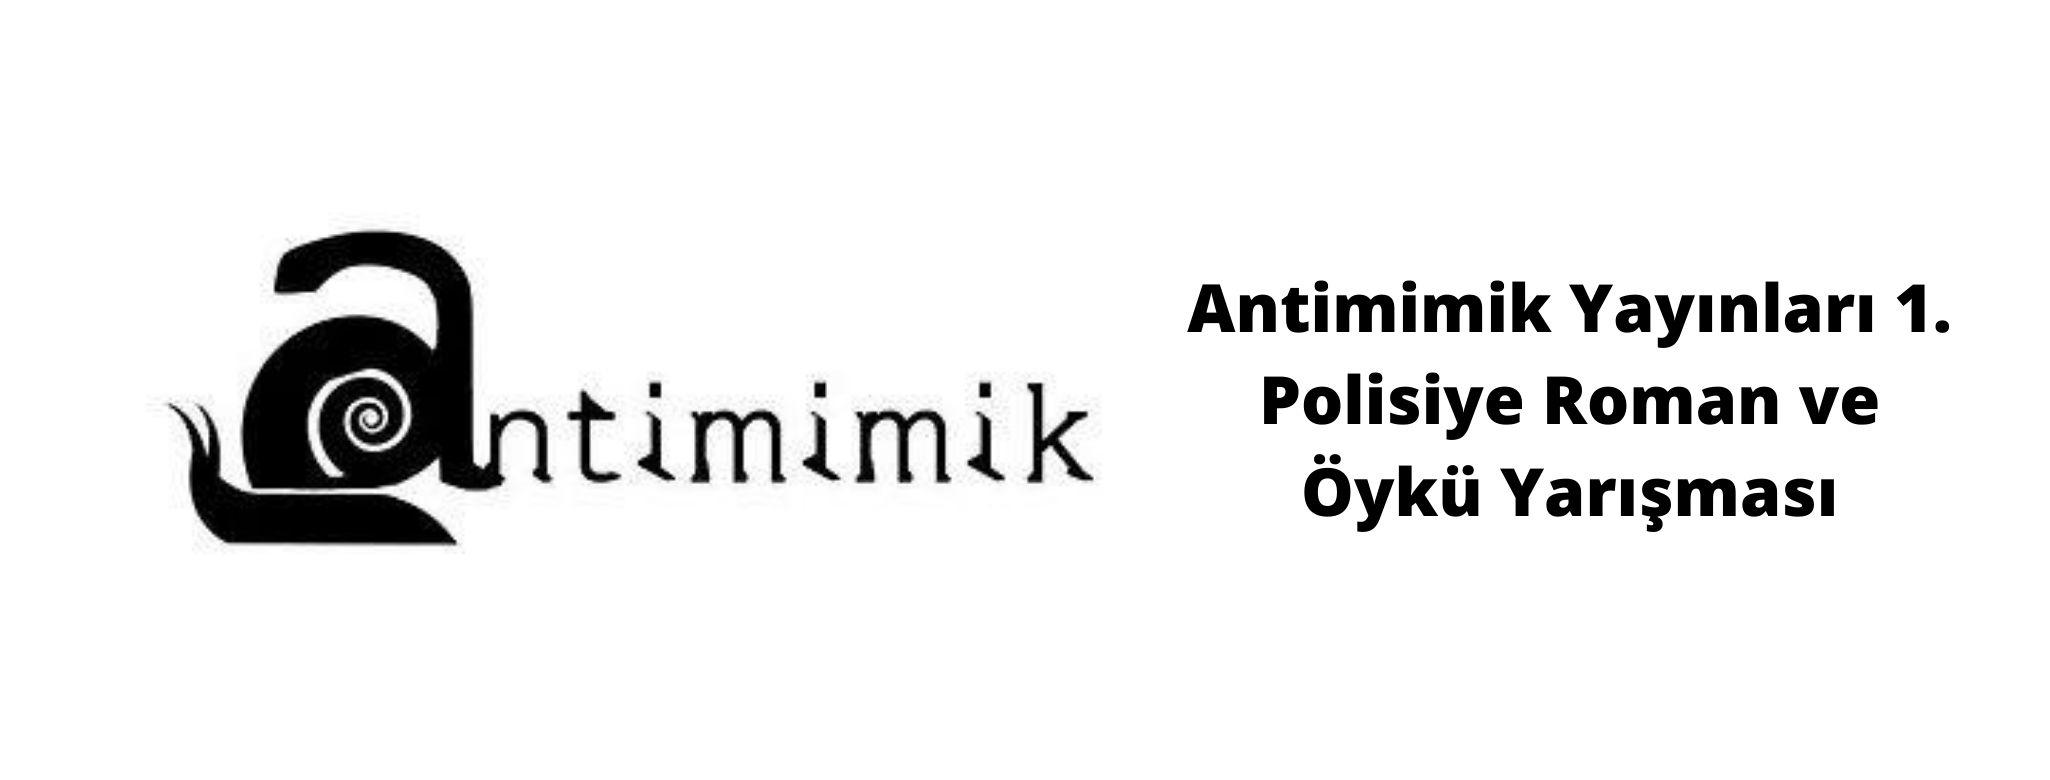 Antimimik Yayınları 1. Polisiye Roman ve Öykü Yarışması